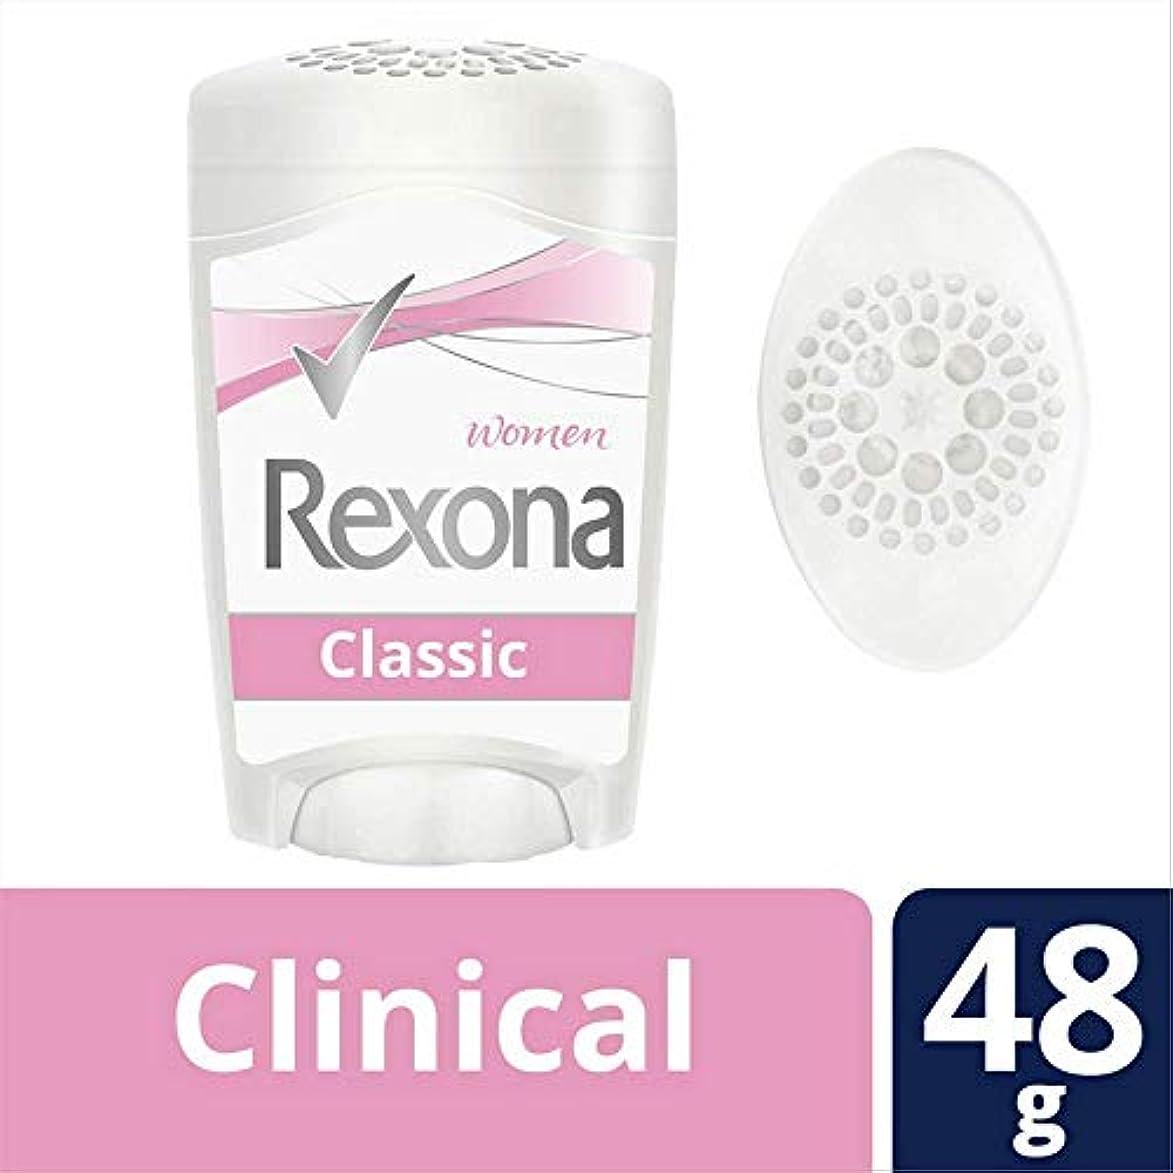 刺激する分散近代化するRexona Woman Clinical レクソーナウーマン クリニカル デオドラント 48g